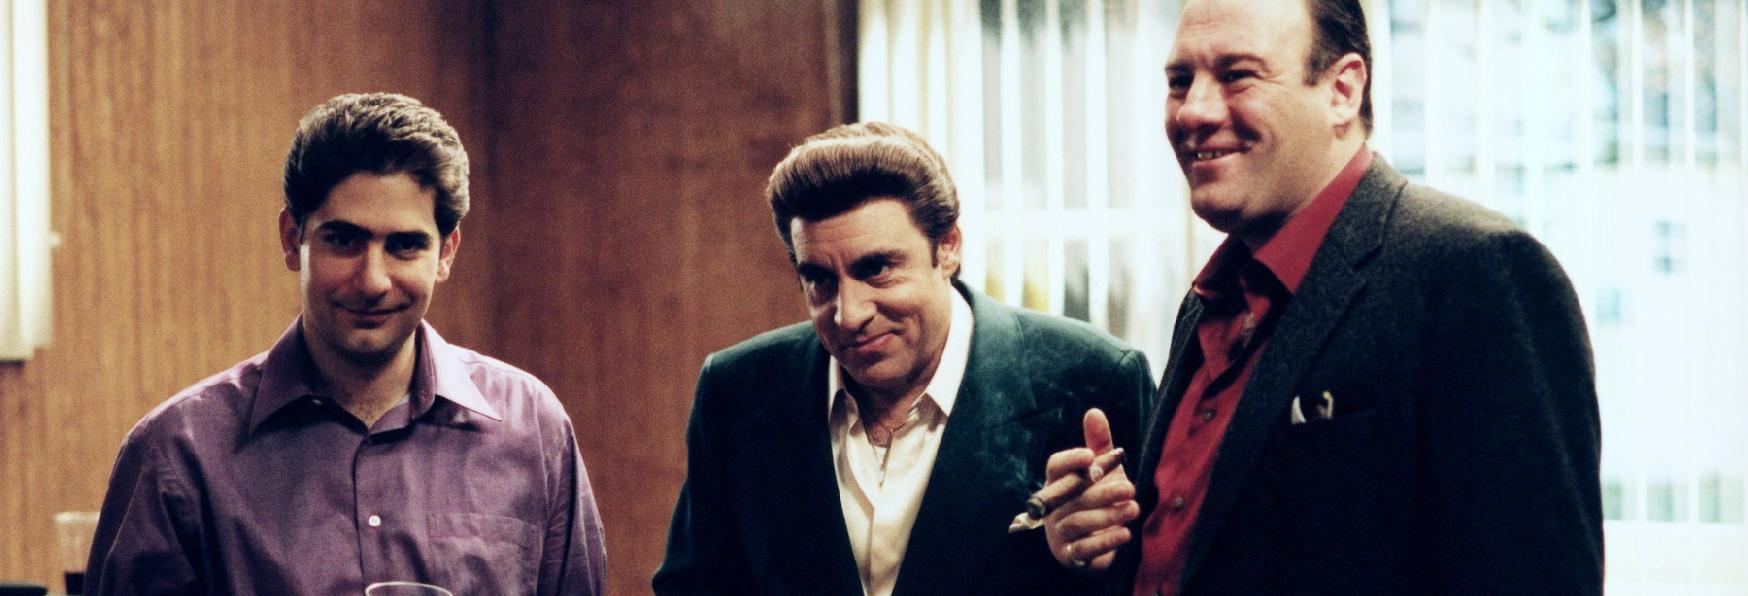 The Sopranos: il Nome e la Data di Uscita dell'atteso Prequel con Michael Gandolfini